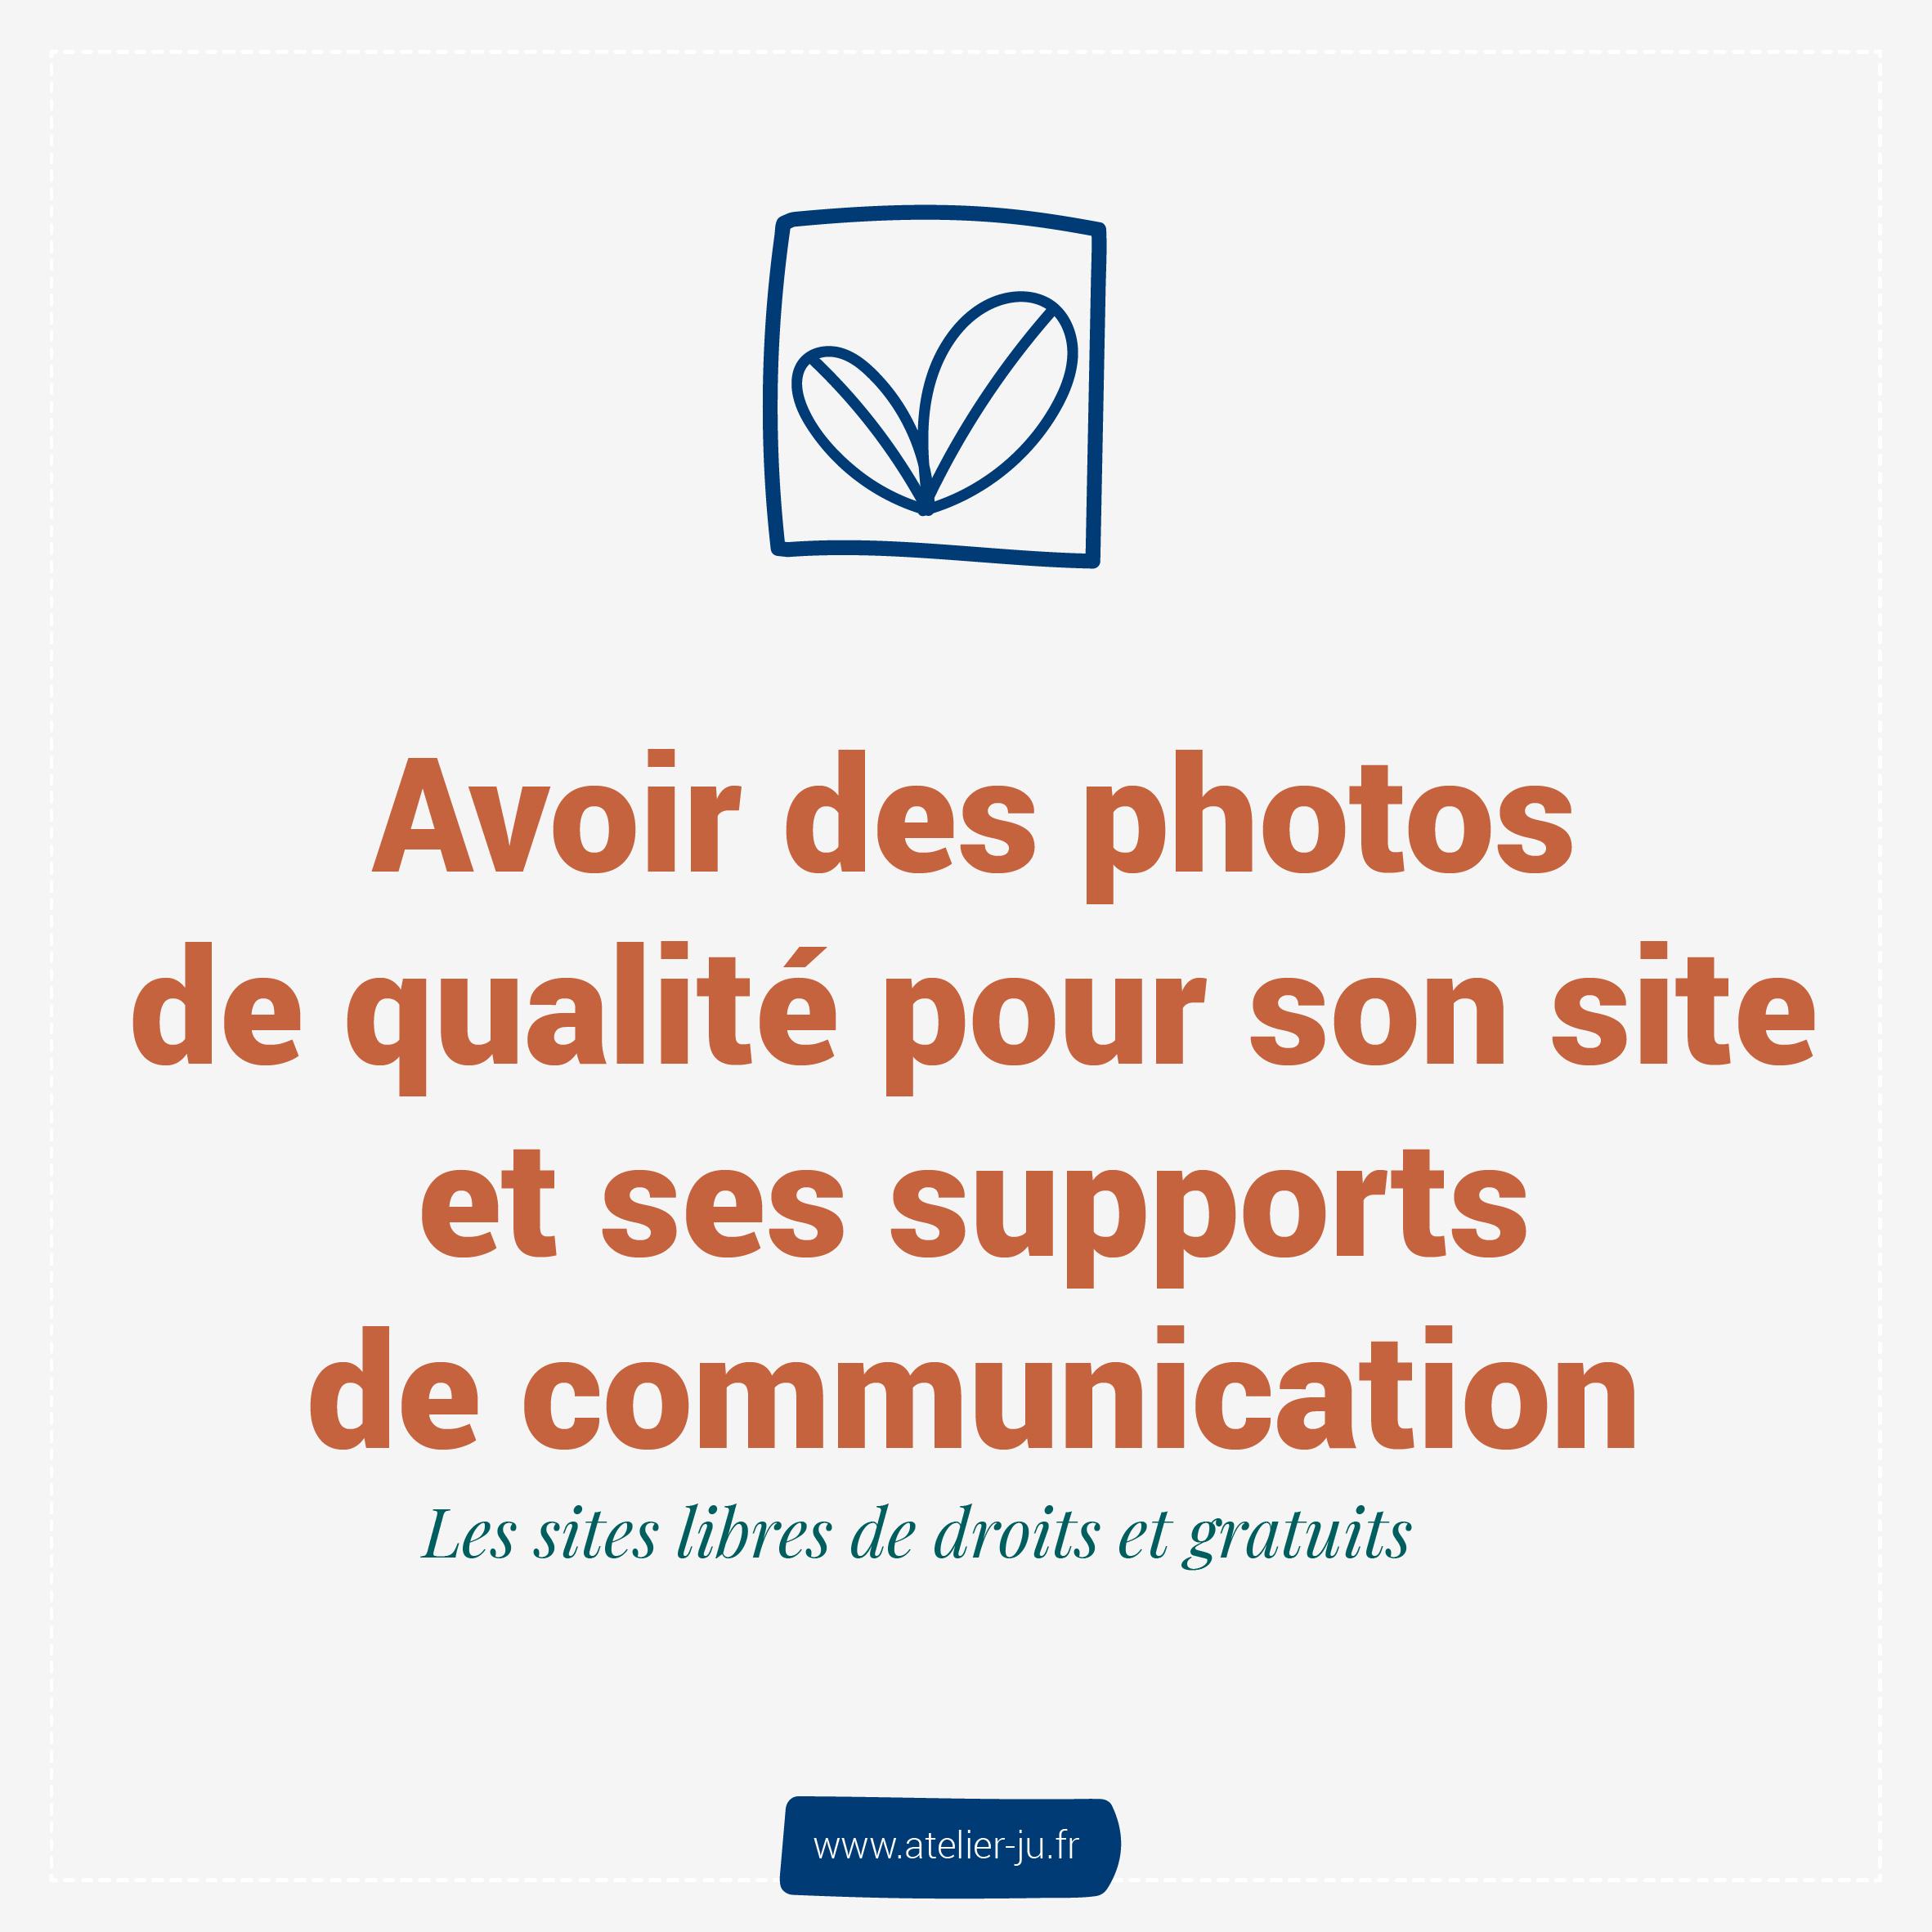 avoir des photos de qualité pour son site et ses supports de communication